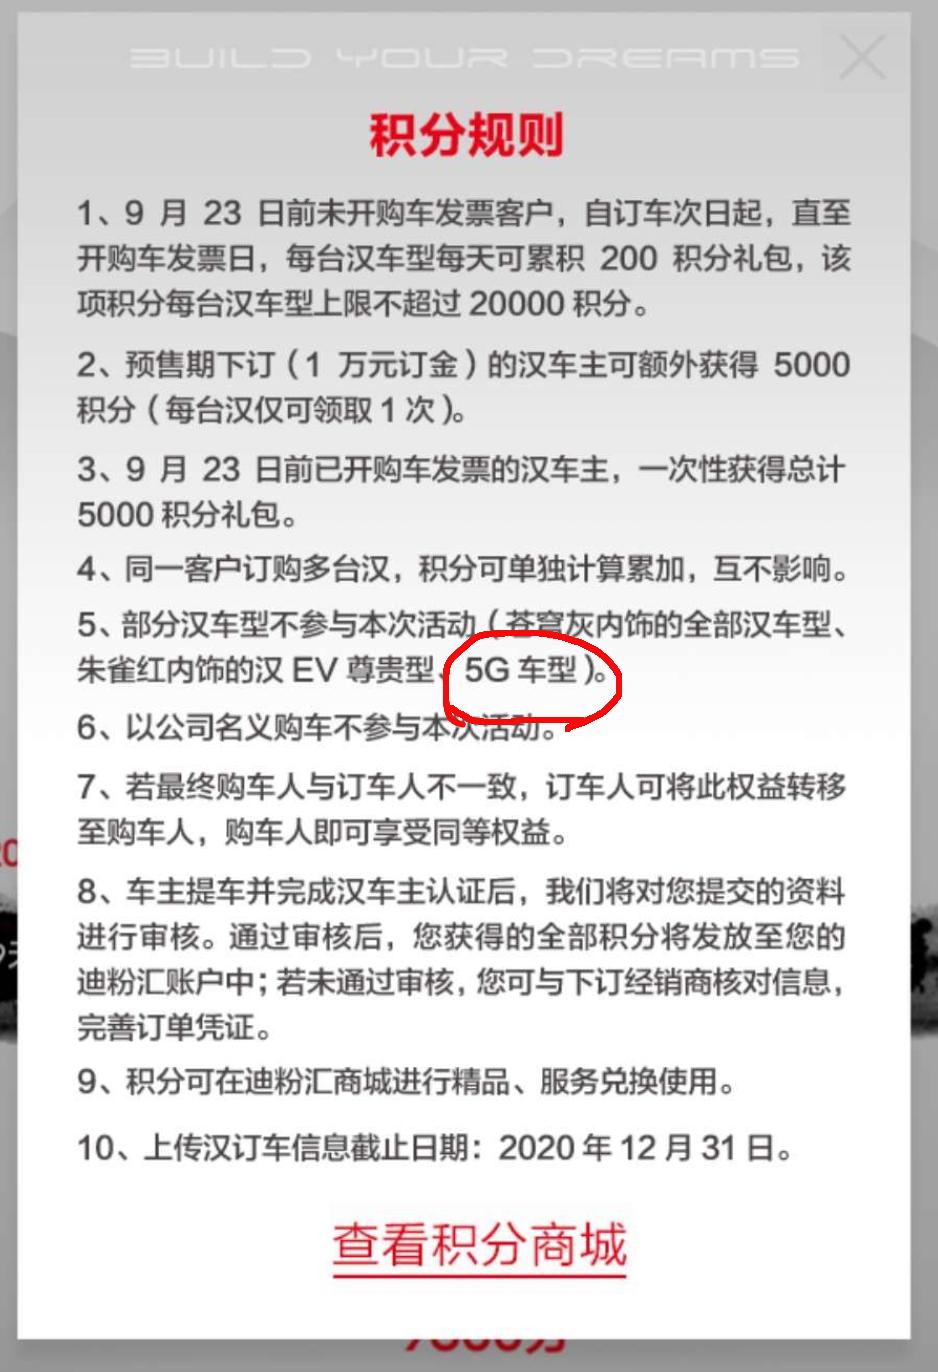 比亚迪汉厂家宣传的5G版车机与实际的严重不符,虚假宣传严重损害消费者的合法权益